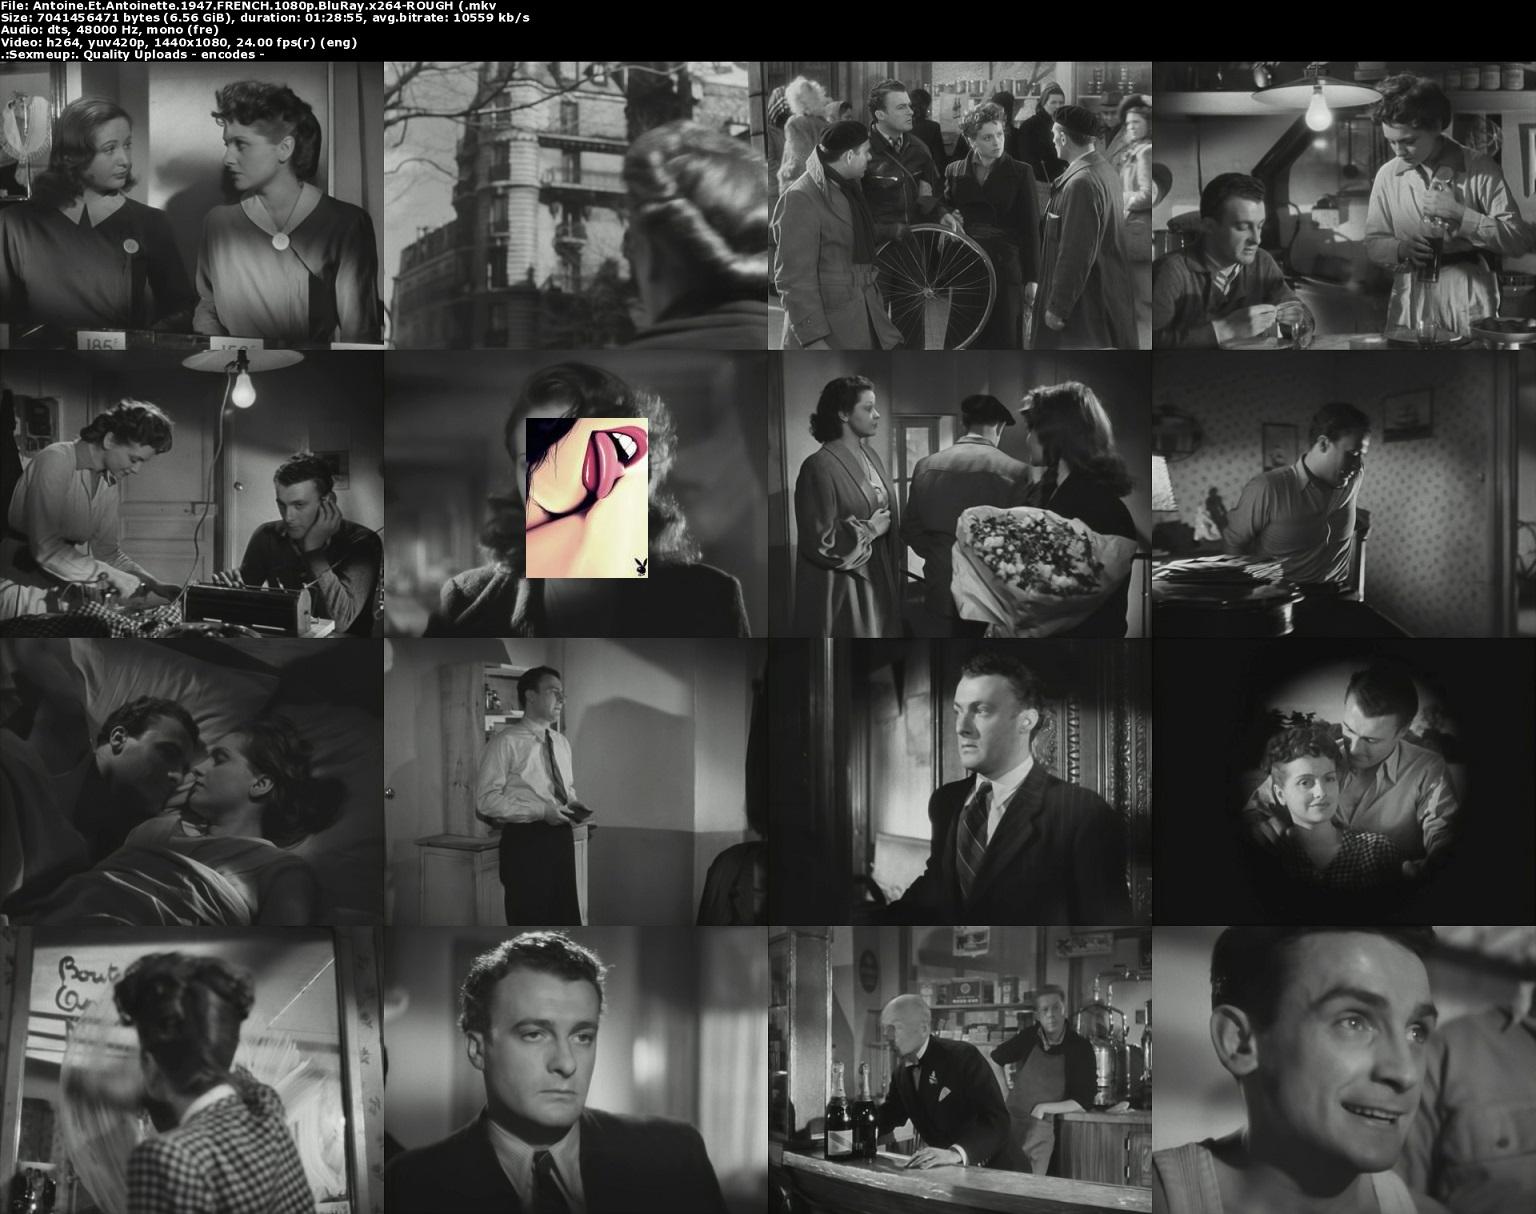 Antoine.Et.Antoinette.1947.FRENCH.1080p.